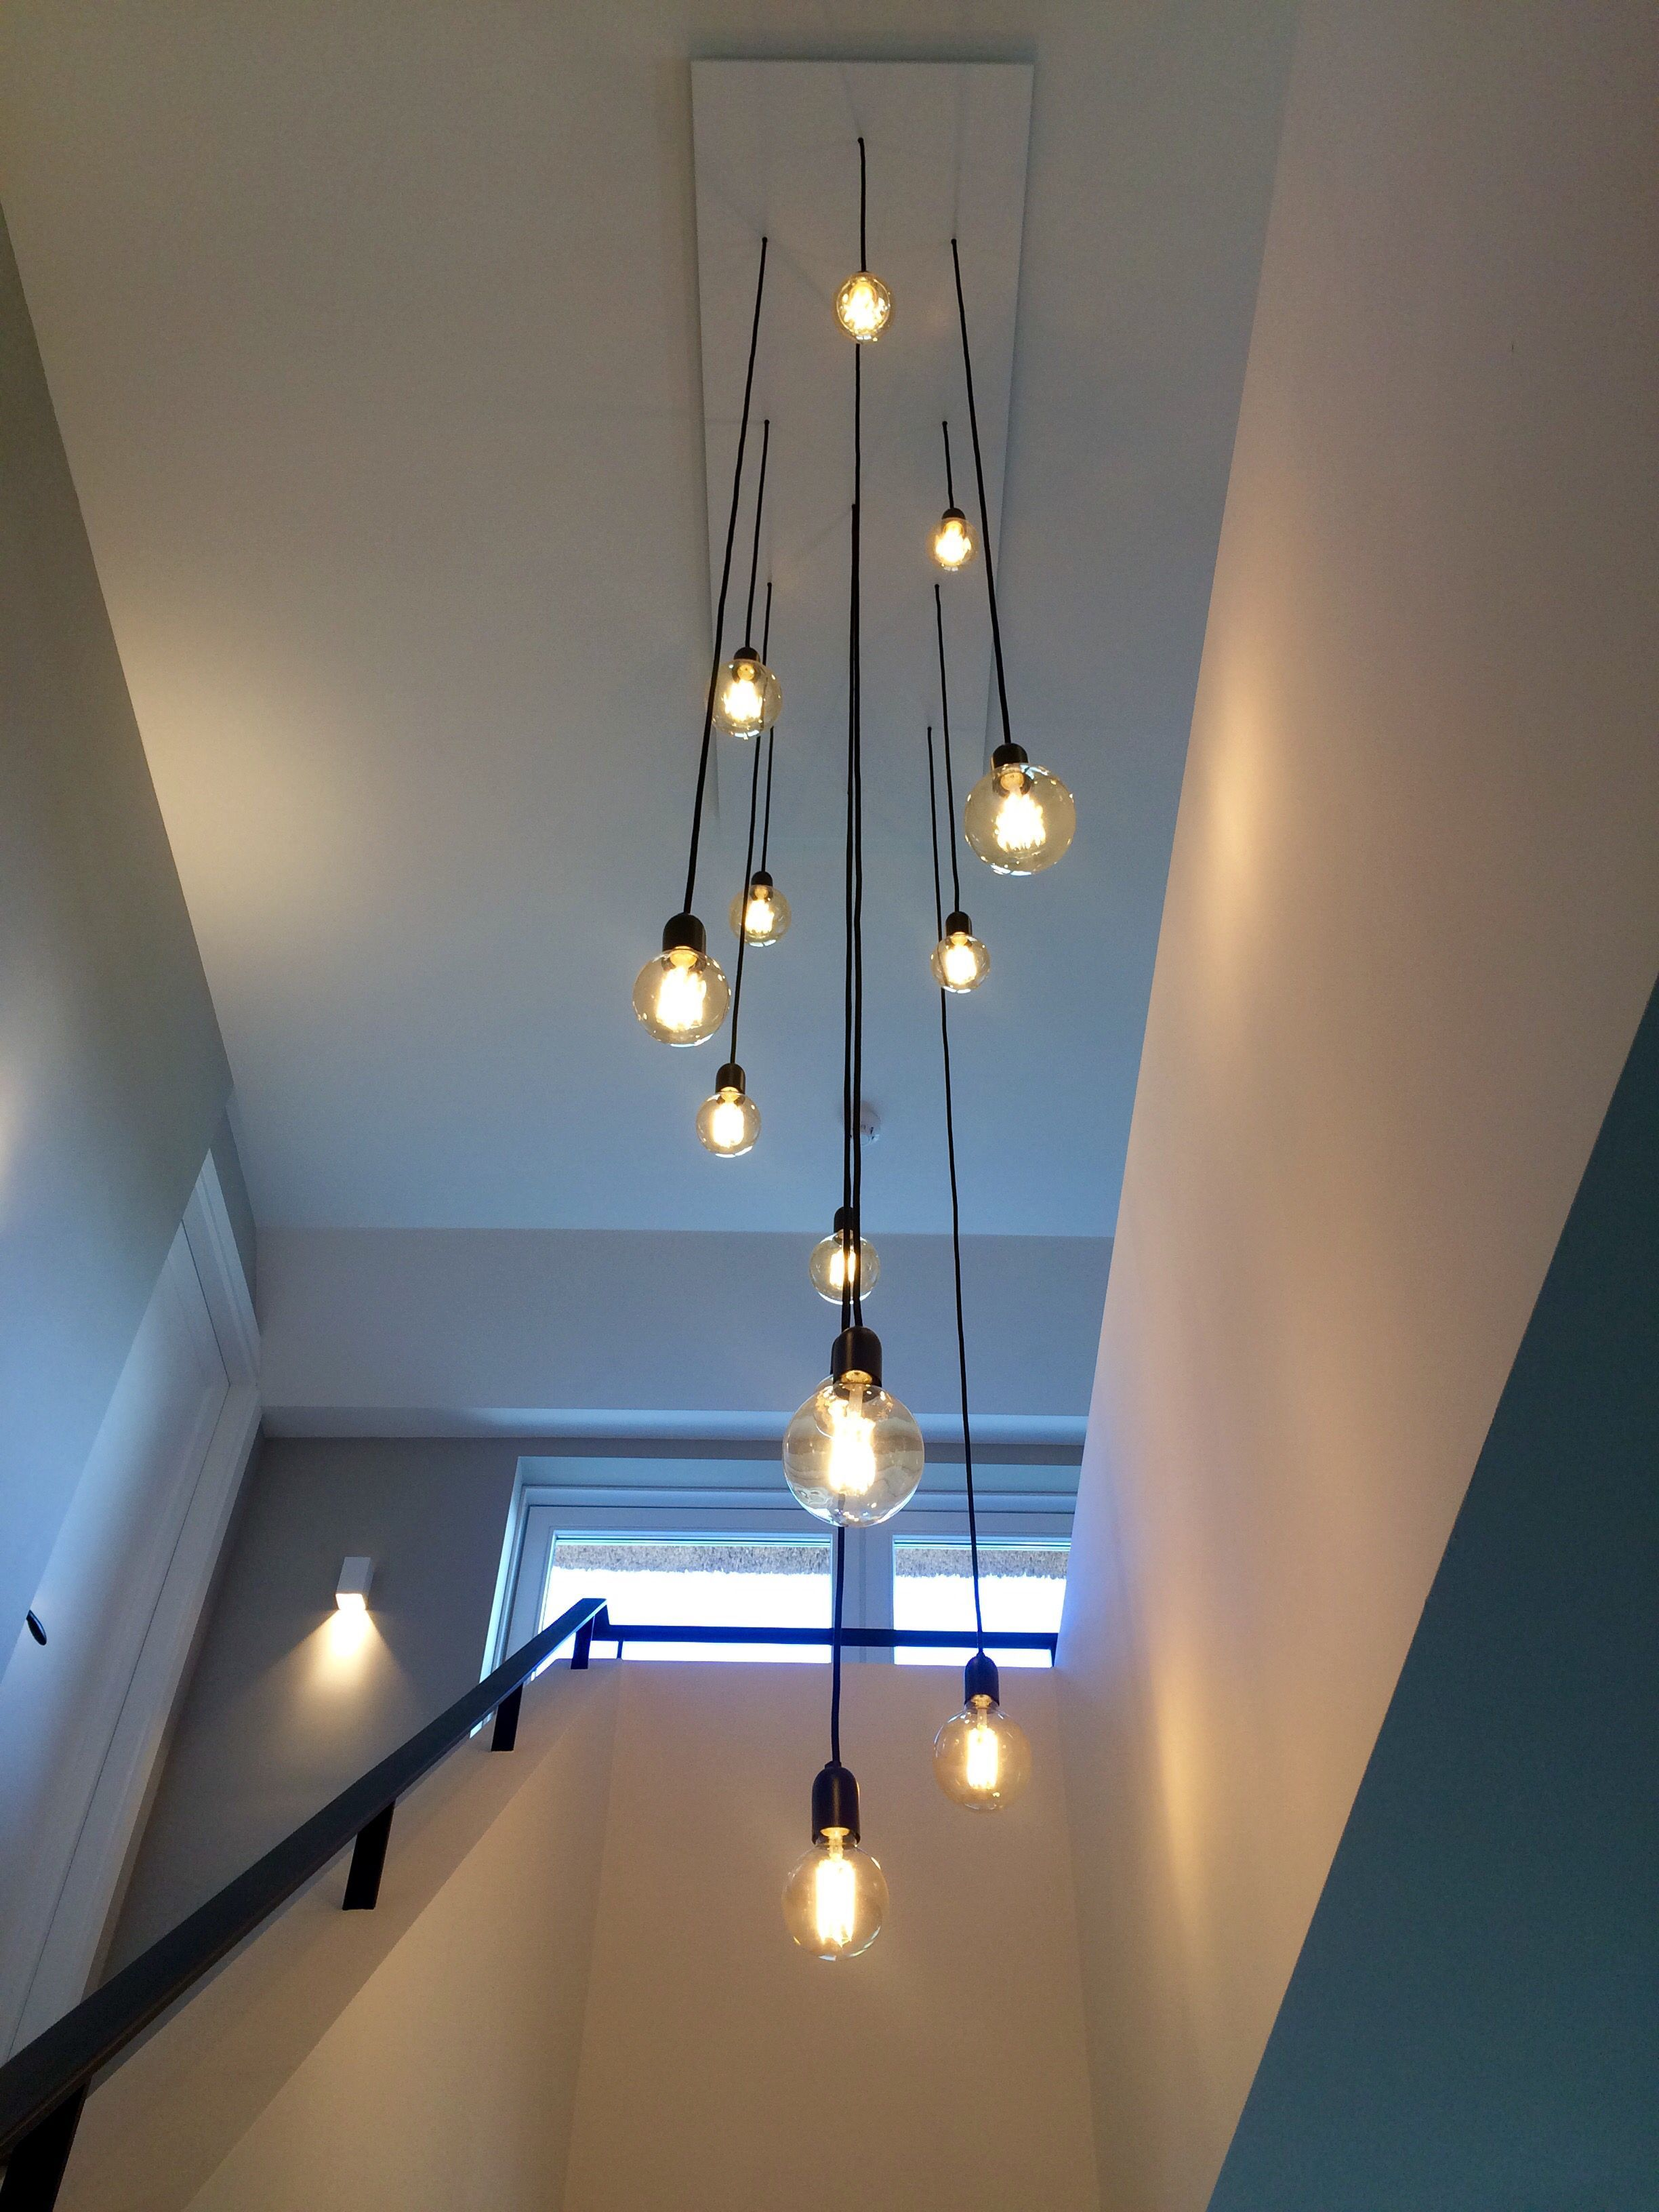 9 Of The Best Living Room Interior Design Trends For 2019 Hal Verlichting Lampen Eetkamertafel Lamp